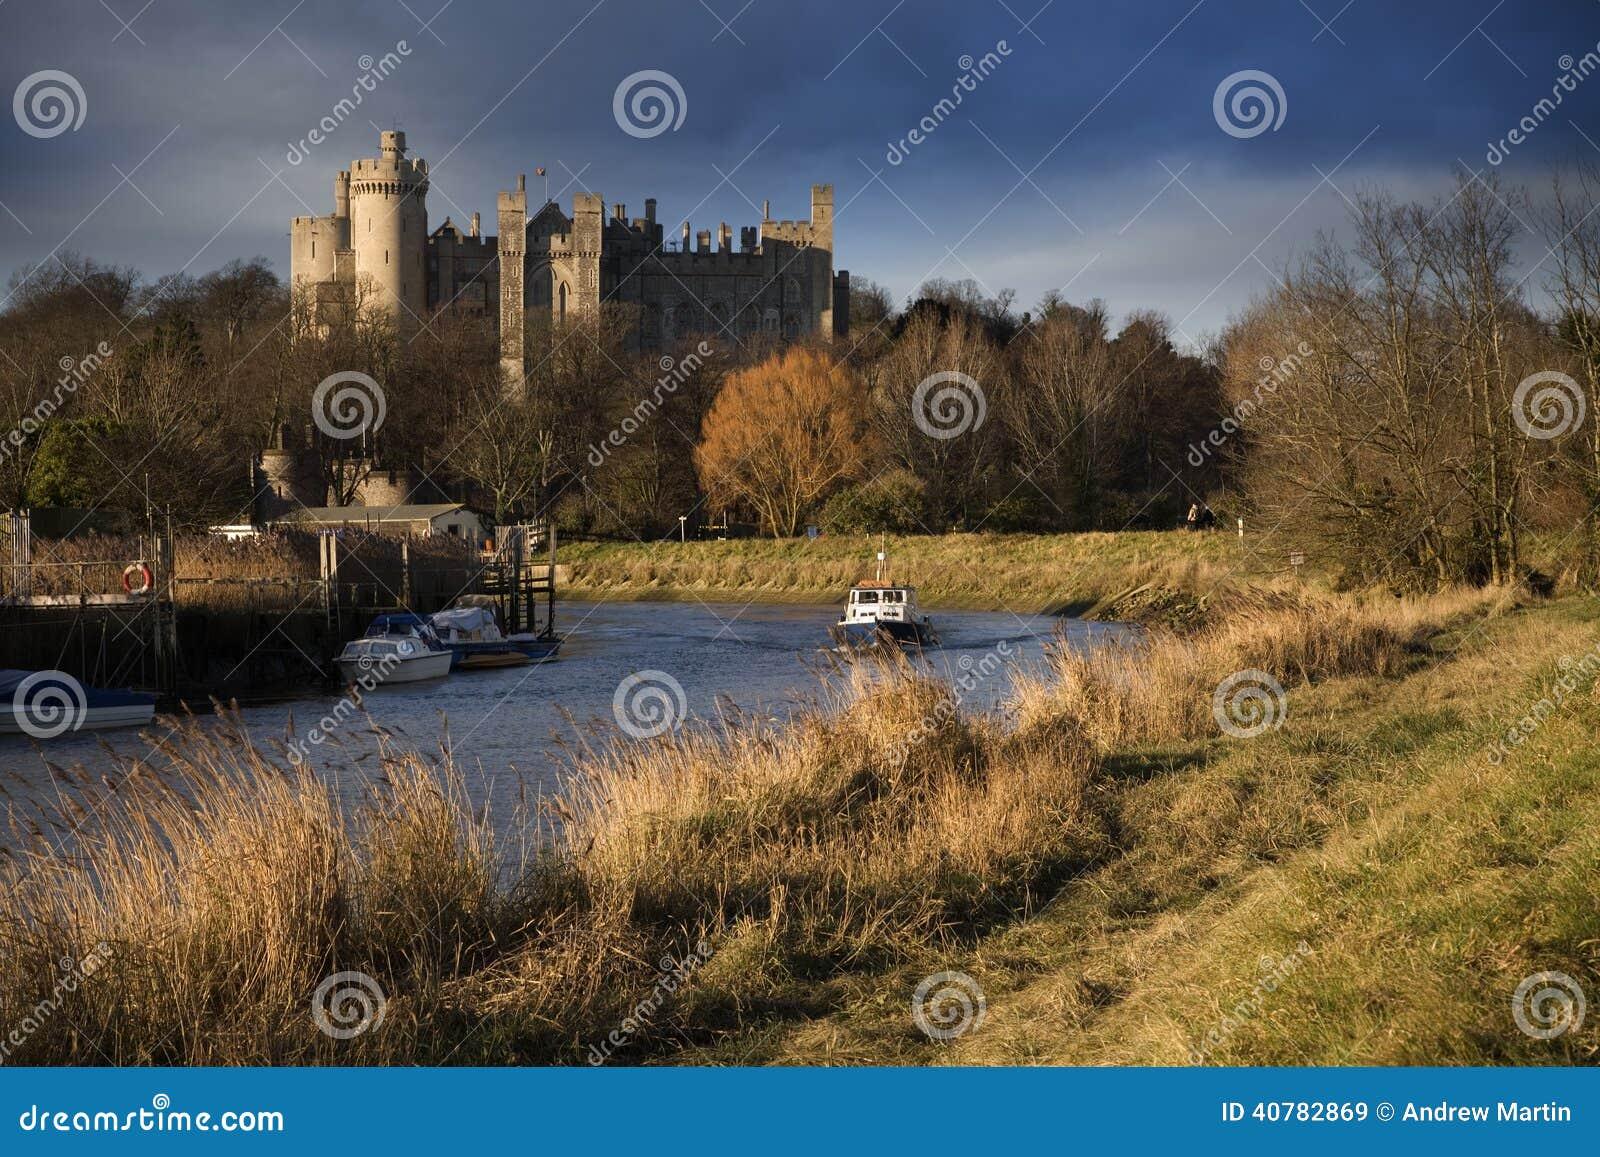 Arundel slottengland ängar som omger sussex, visade västra